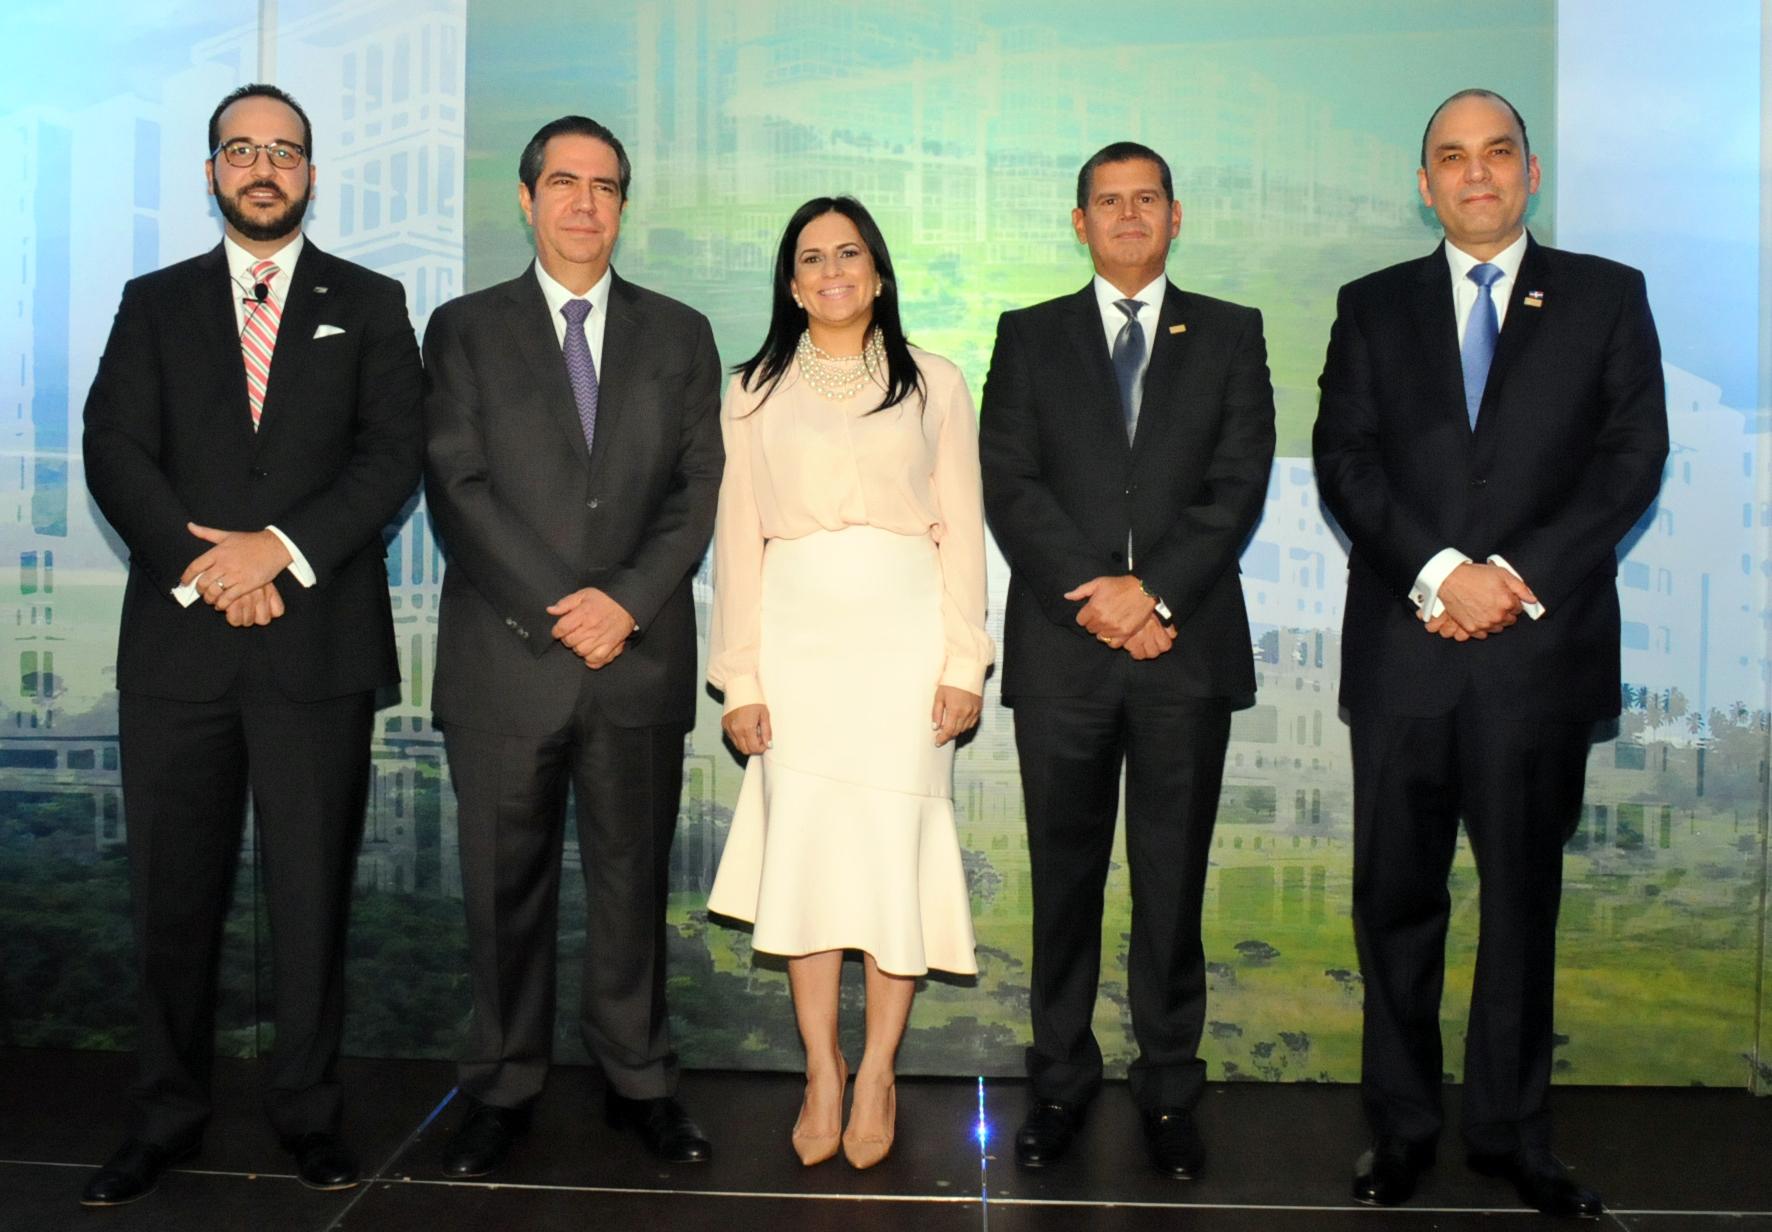 Francisco Javier afirma programa de Fideicomiso Turístico traerá crecimiento y nuevas inversiones al desarrollo turístico